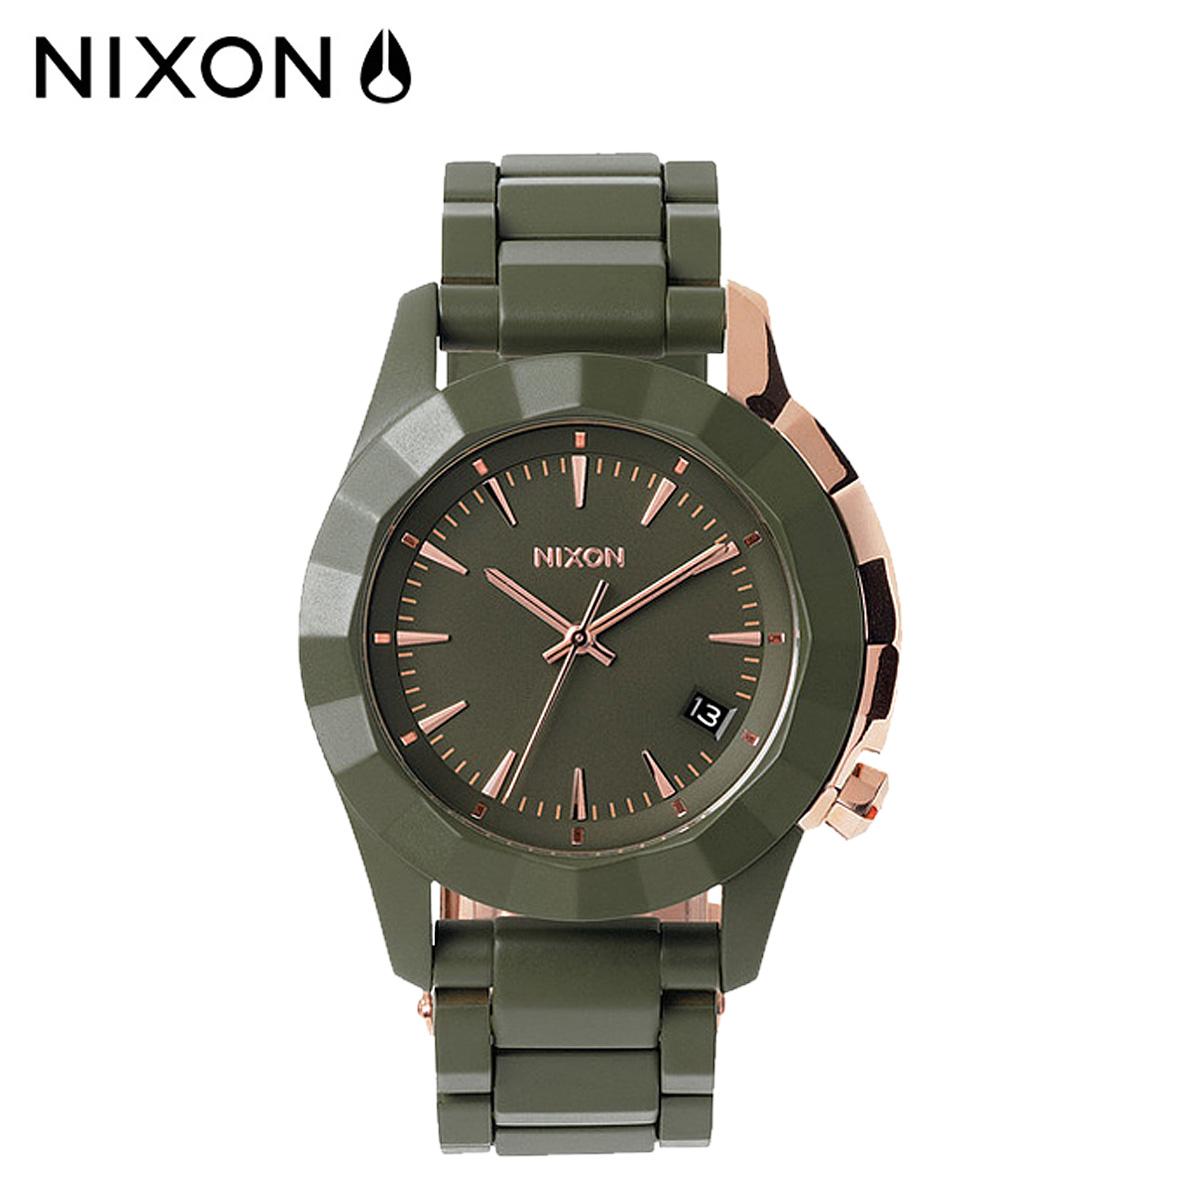 NIXON ニクソン 腕時計 38mm ウォッチ 時計 A288 オールサープラス ローズゴールド MONARCH メンズ レディース